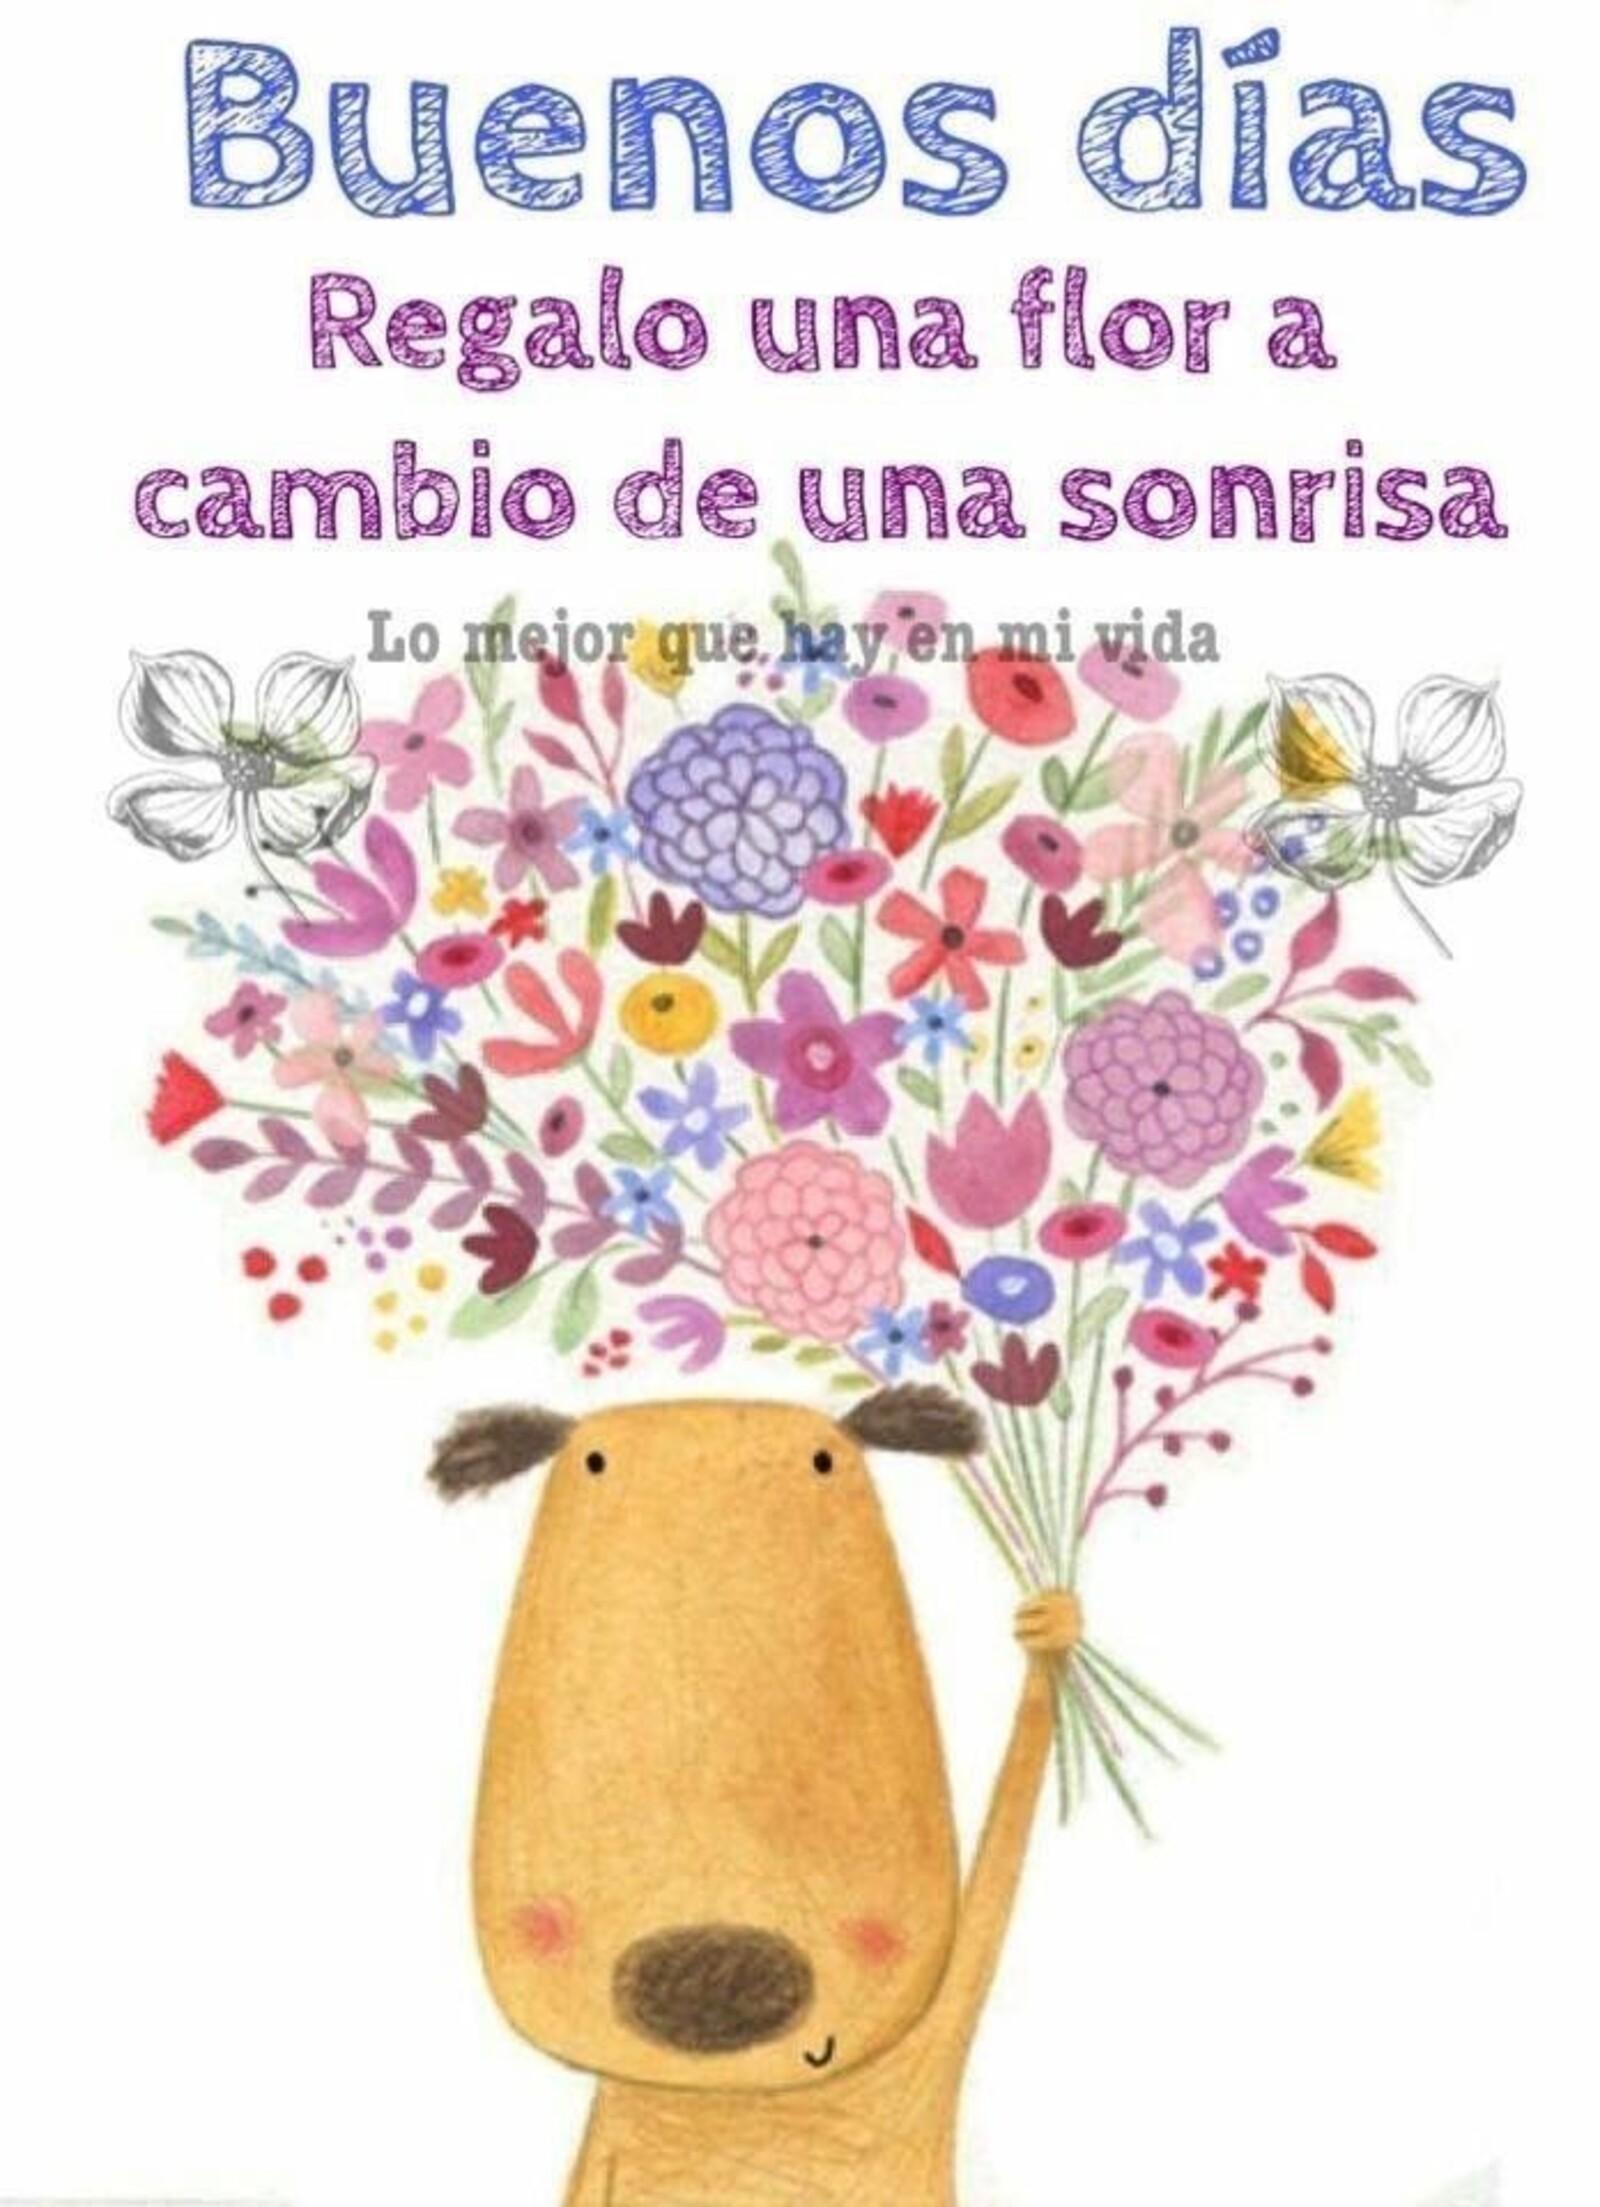 Buenos días regalo una flor a cambio de una sonrisa